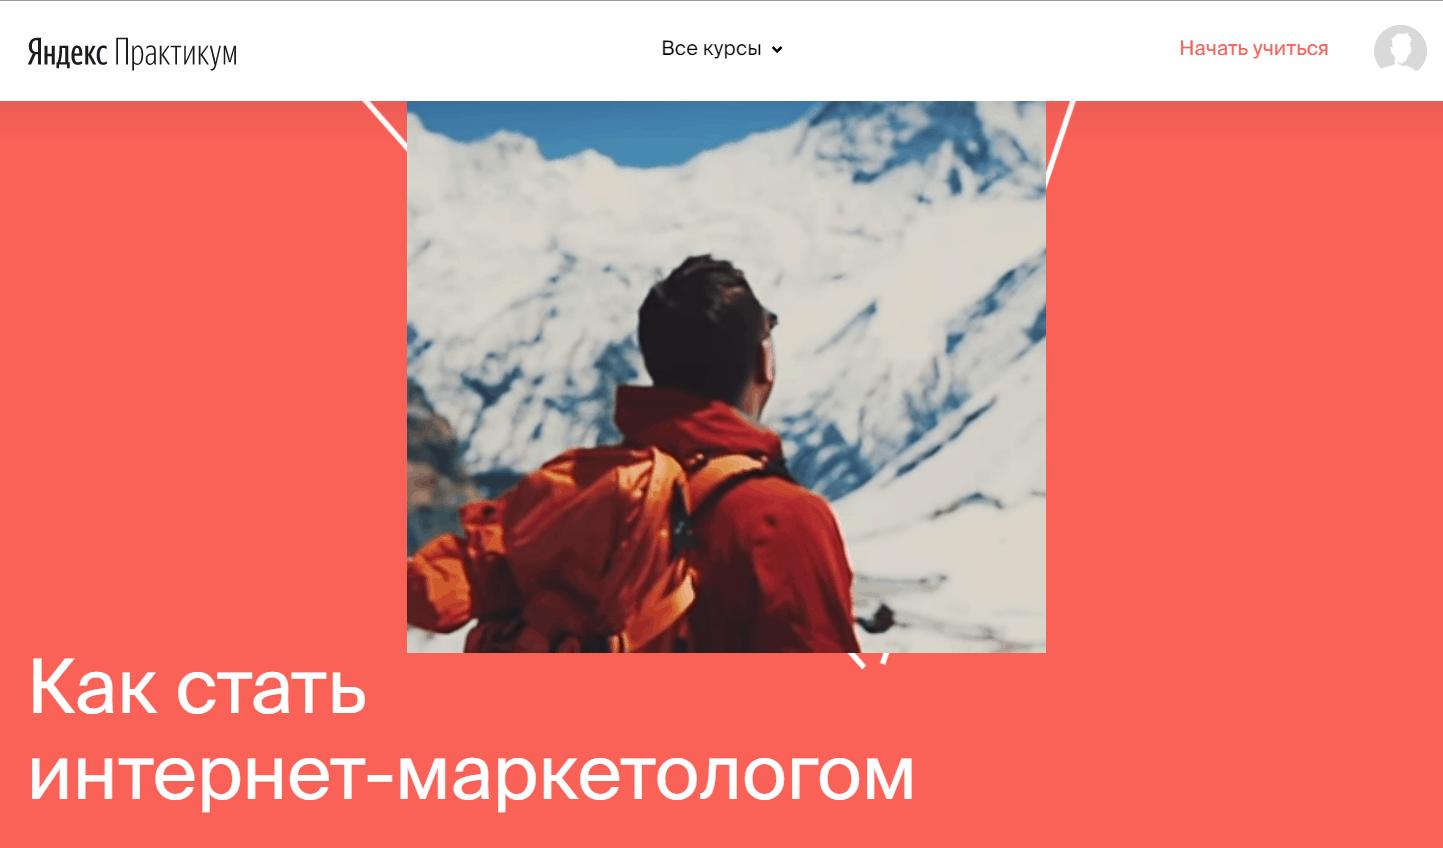 Как стать интернет-маркетологом от Яндекс.Практикум